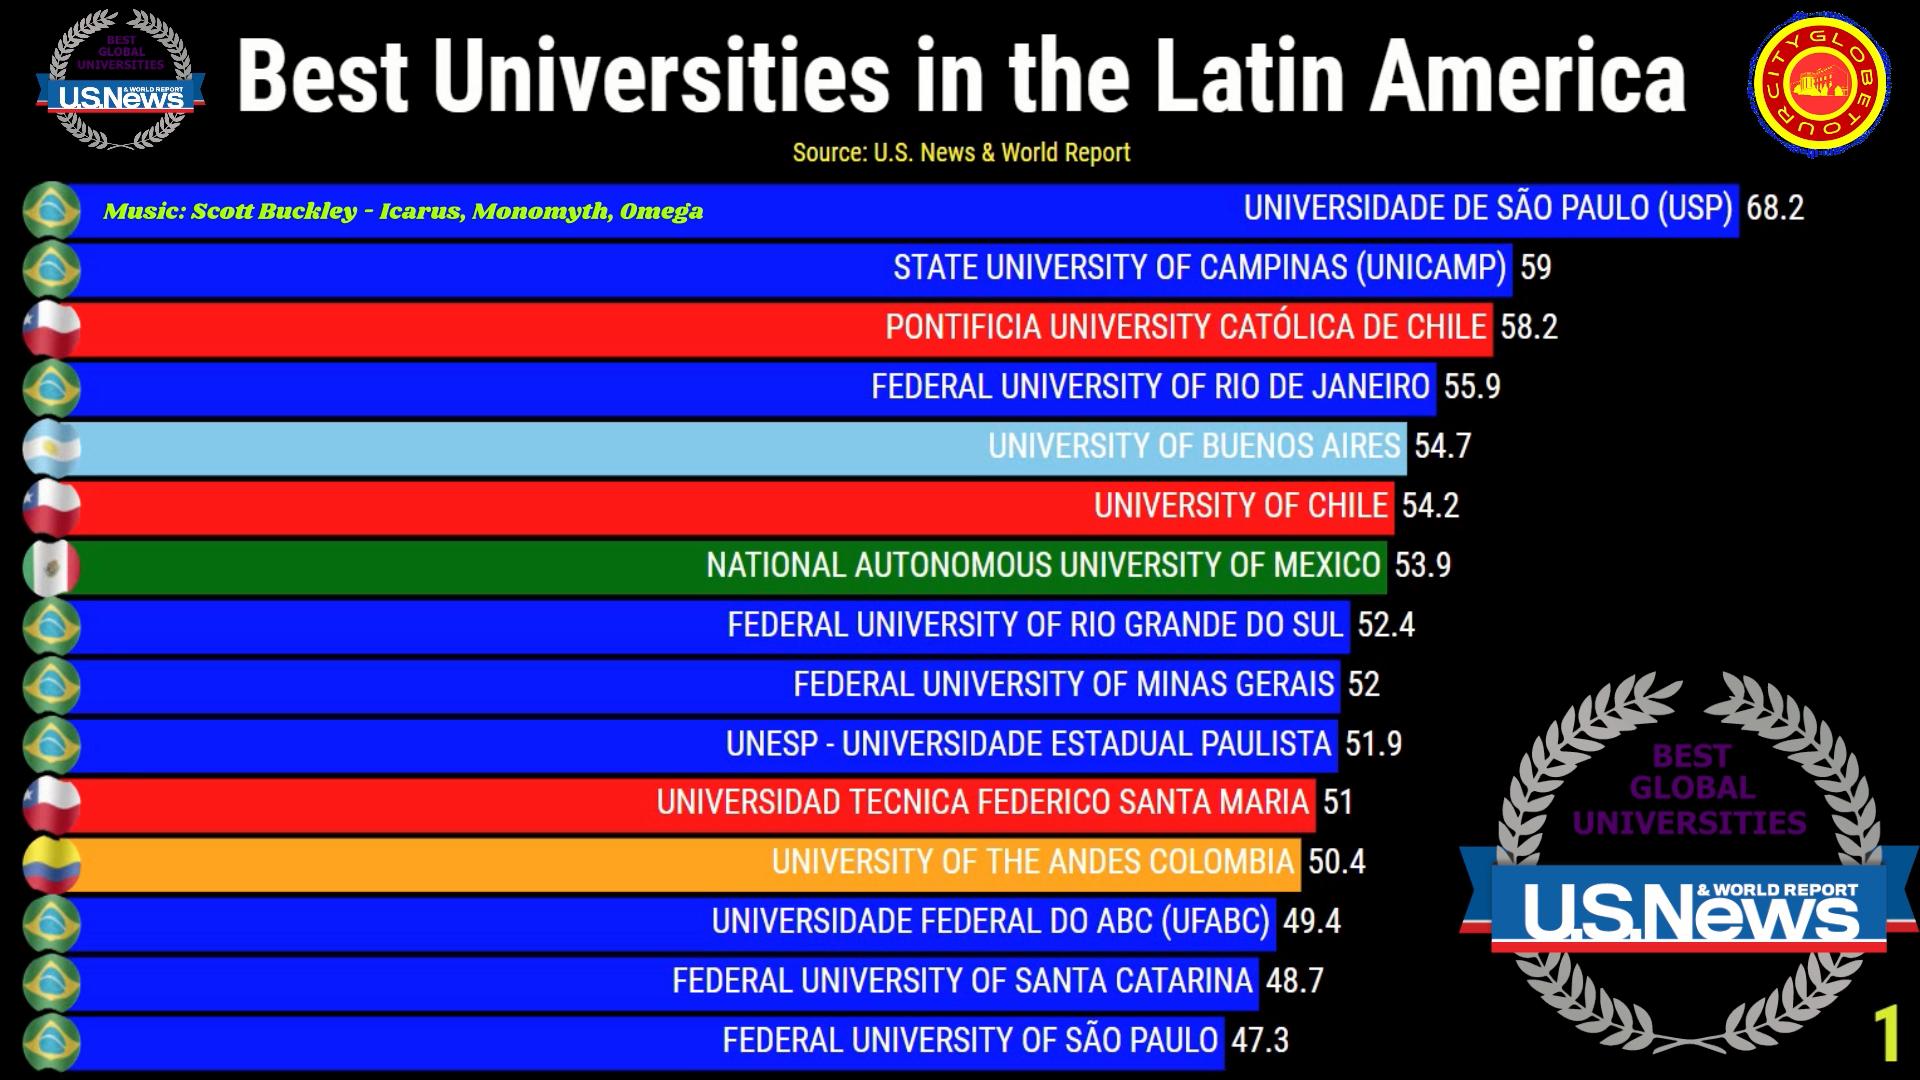 Universidades da América Latina